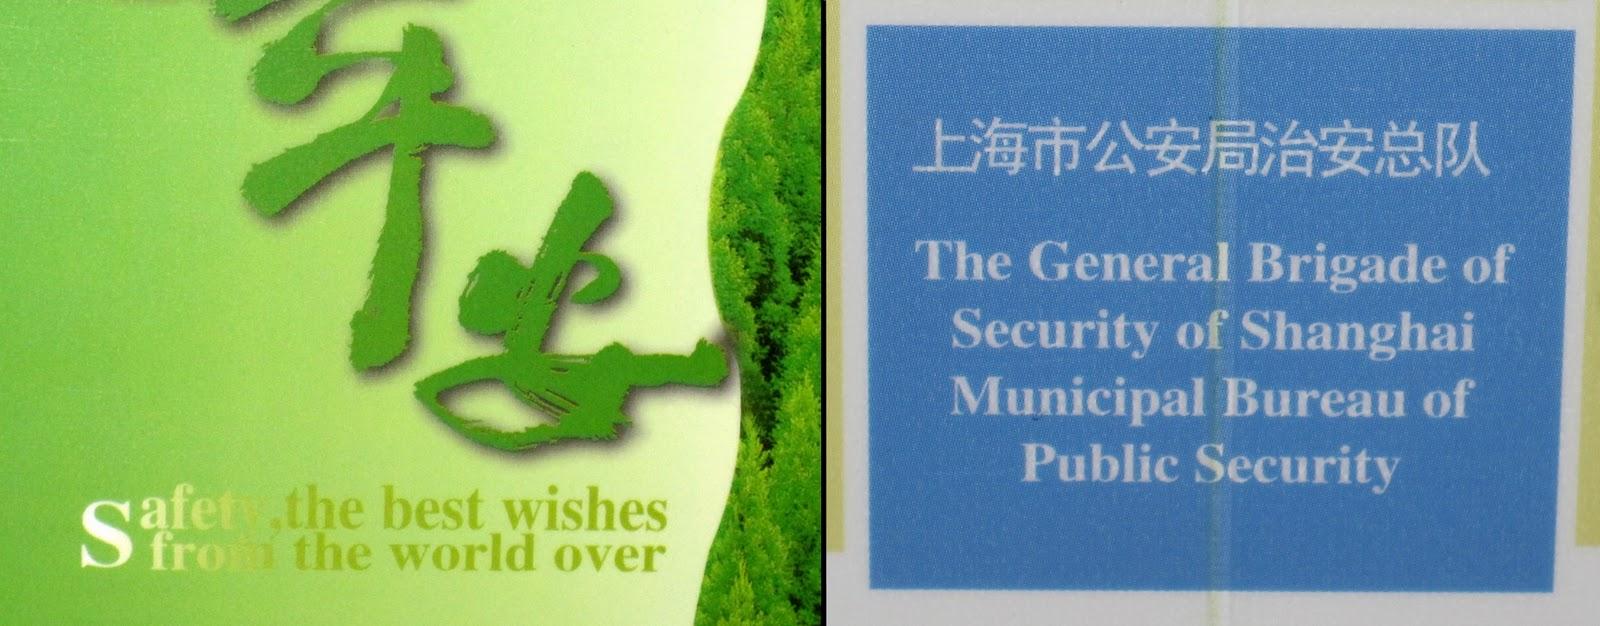 Insert Generic Chinese-Sounding Morpheme]: